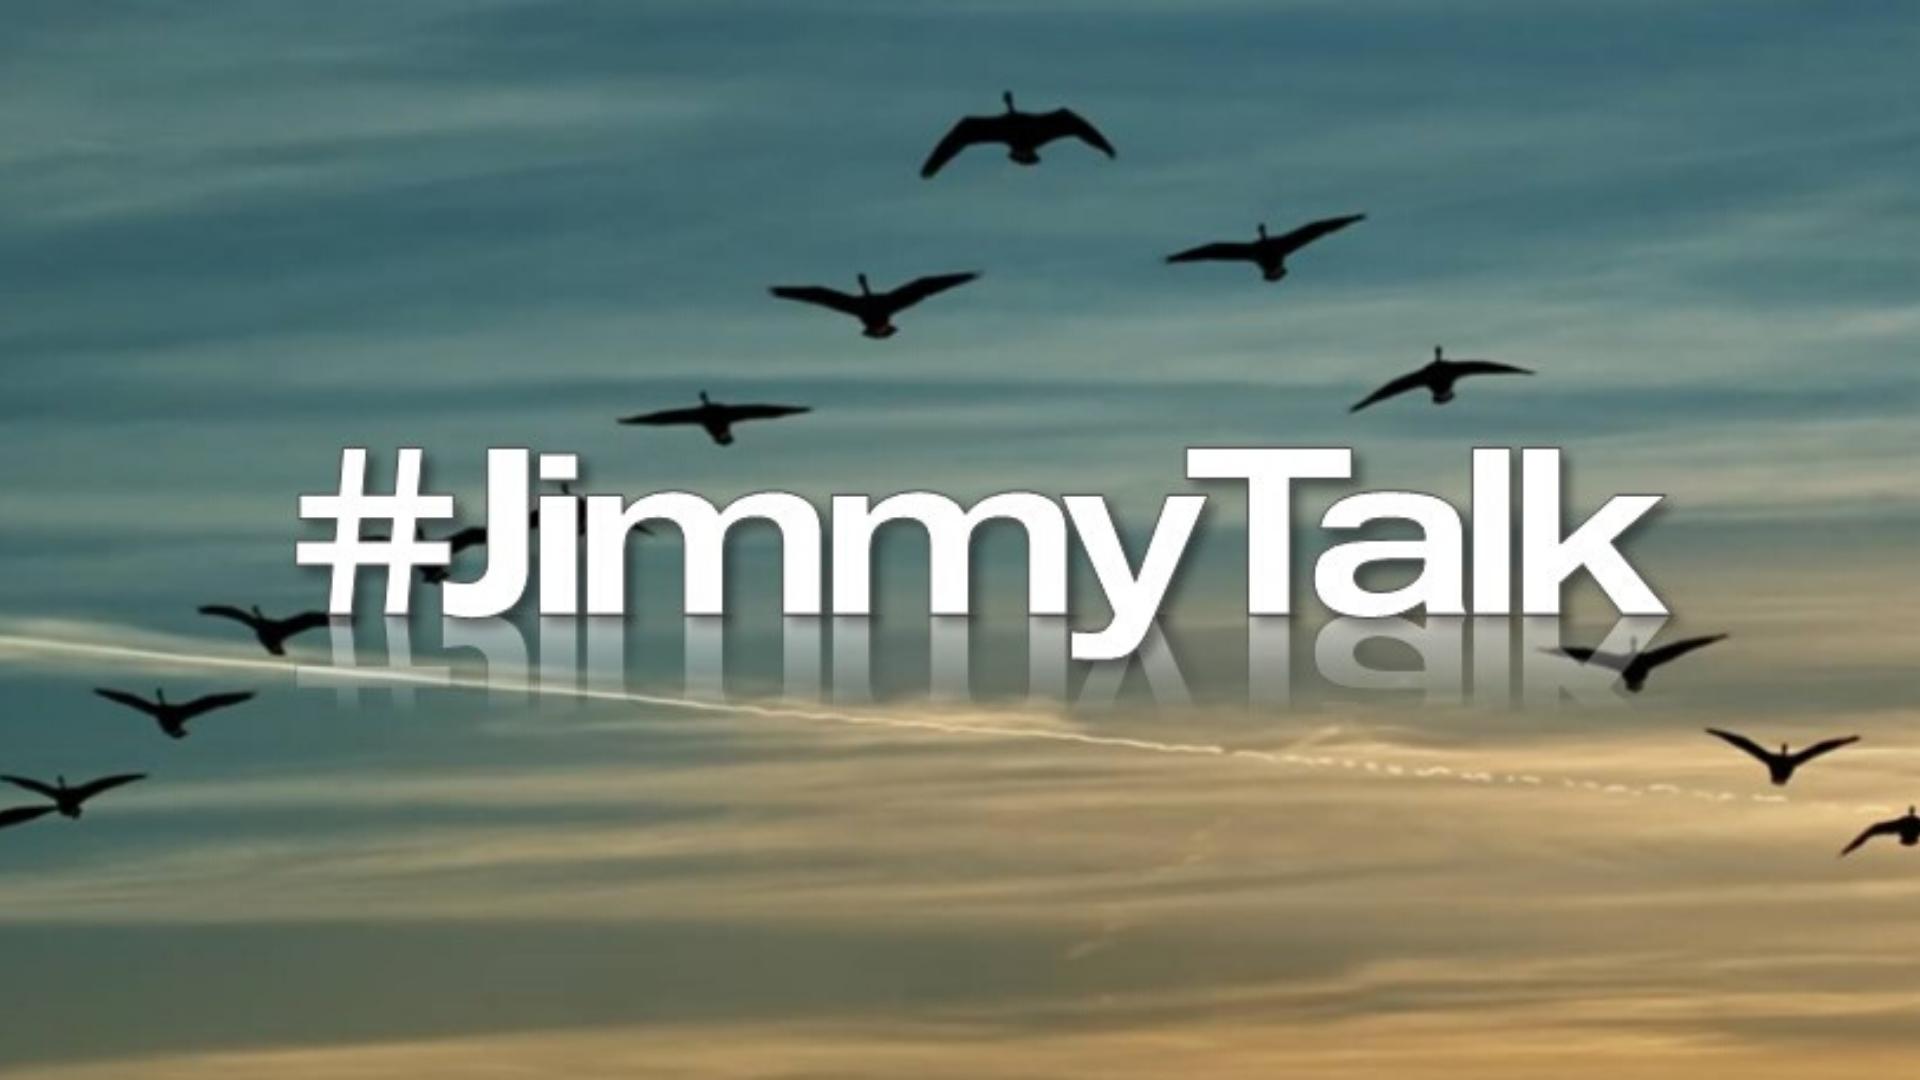 #JimmyTalk